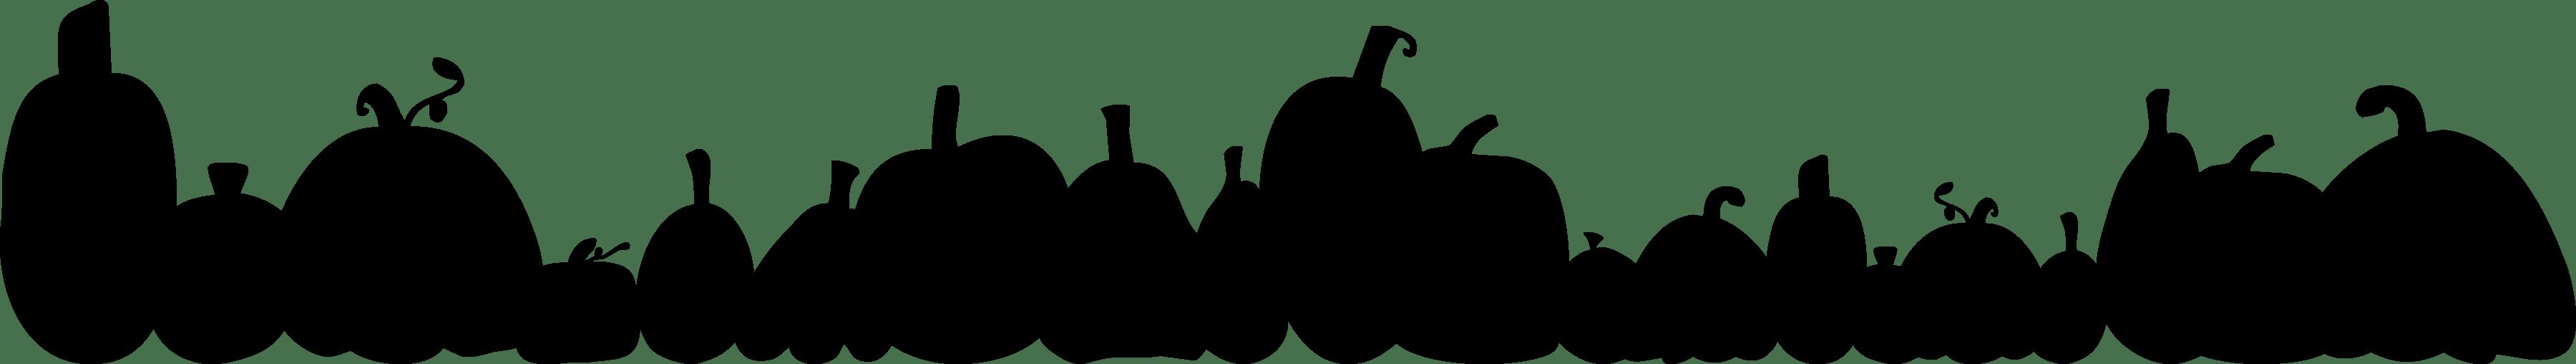 Freebie cu overlays and. Clipart pumpkin silhouette